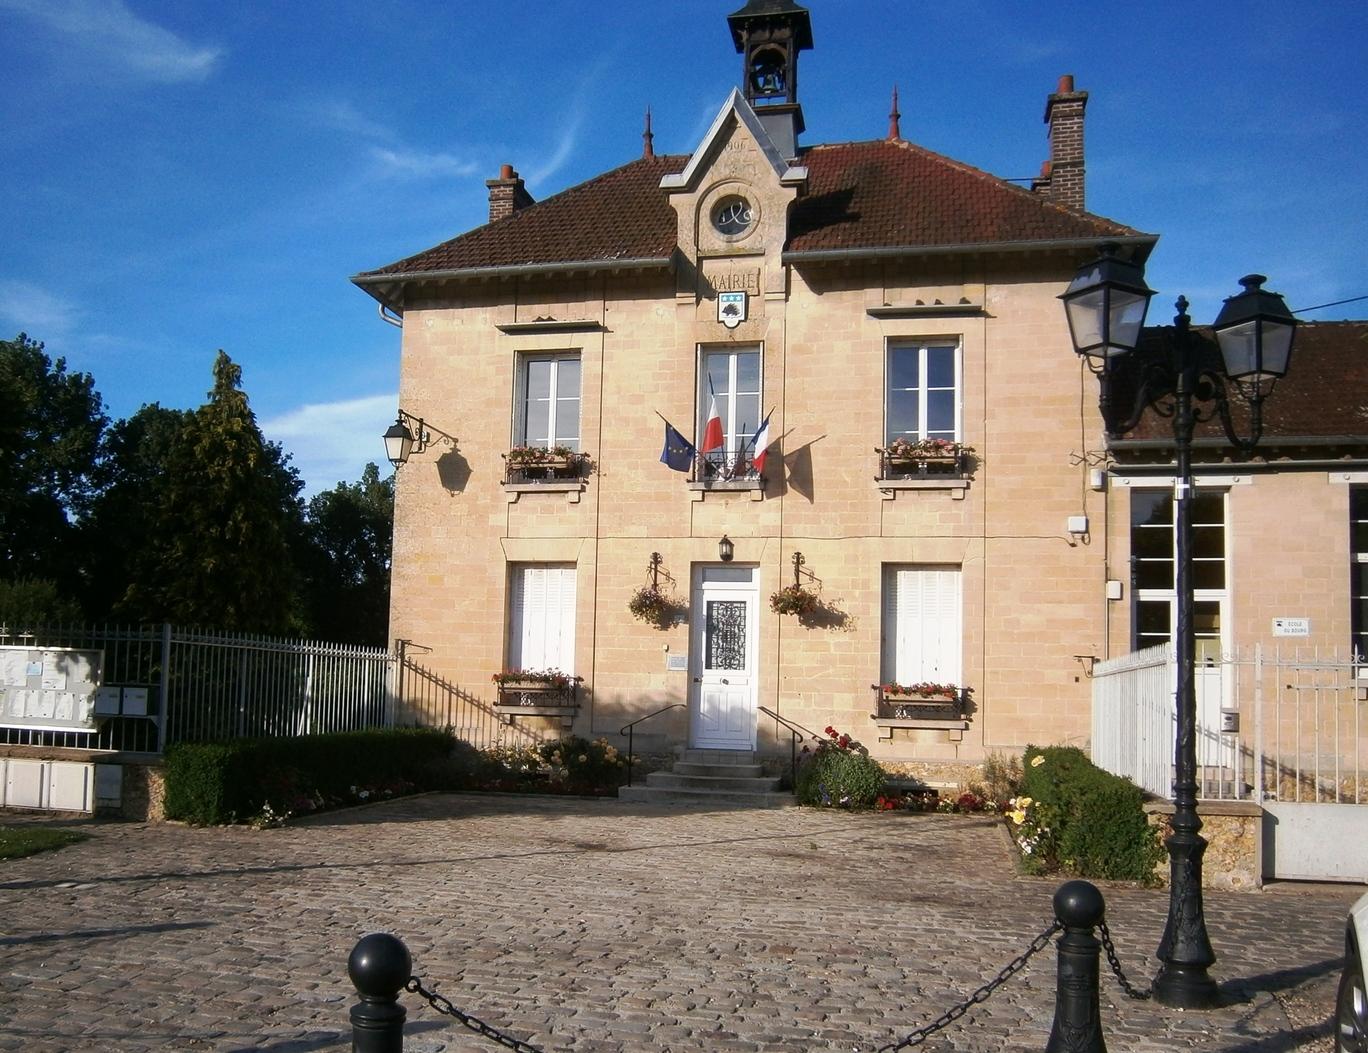 façade de la mairie de Ableiges